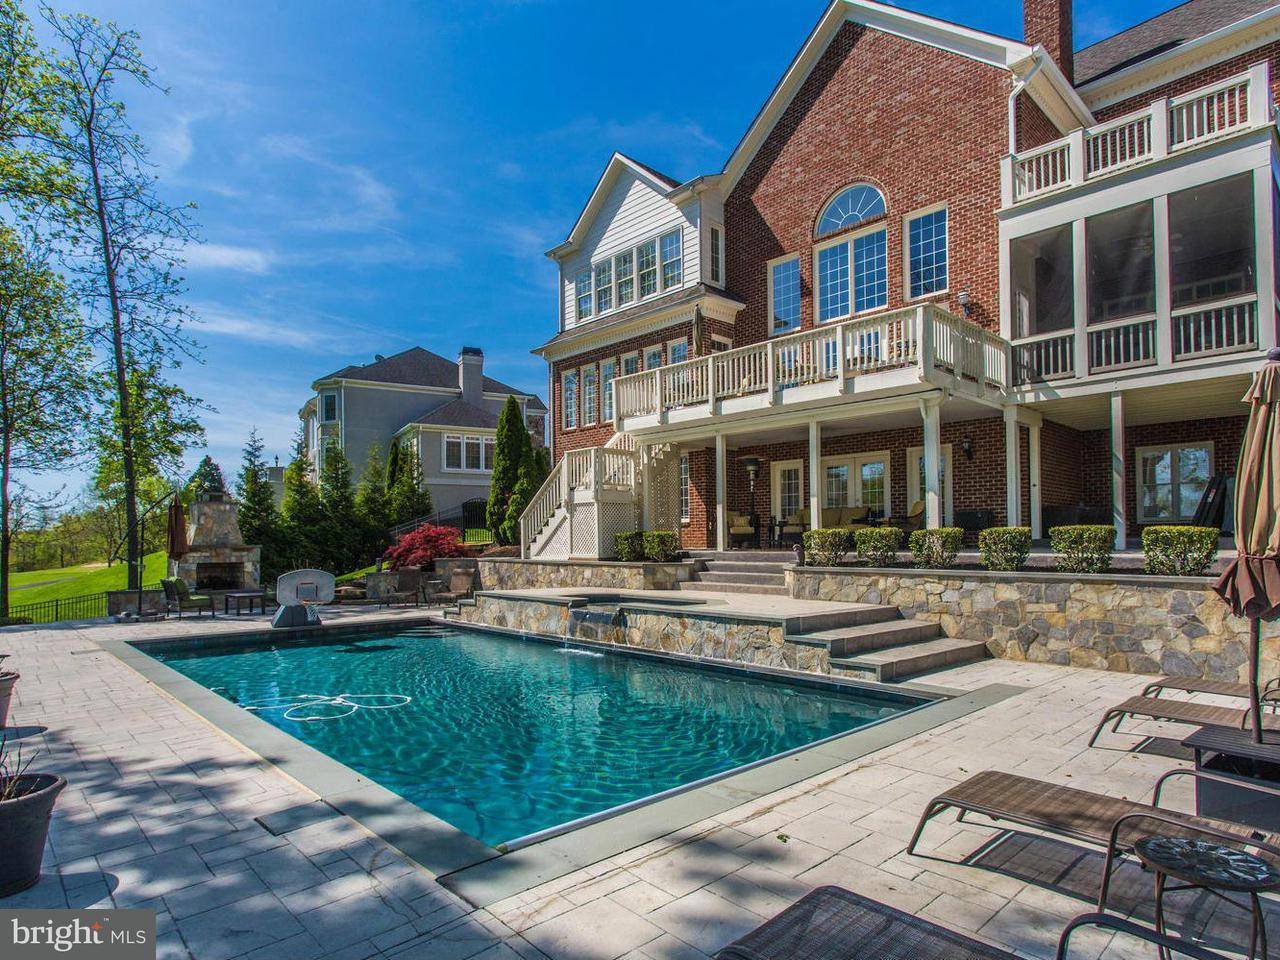 獨棟家庭住宅 為 出售 在 15858 SPYGLASS HILL LOOP 15858 SPYGLASS HILL LOOP Gainesville, 弗吉尼亞州 20155 美國